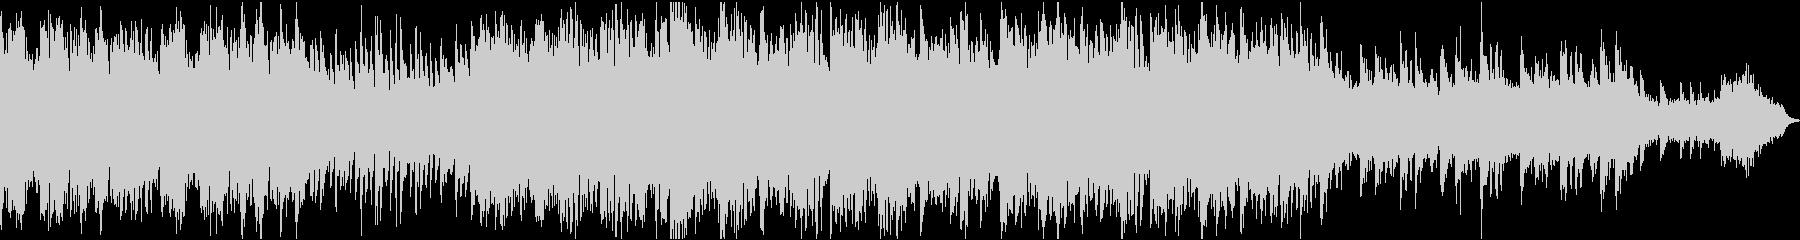 ほのぼの切ない和風曲(ループ)の未再生の波形